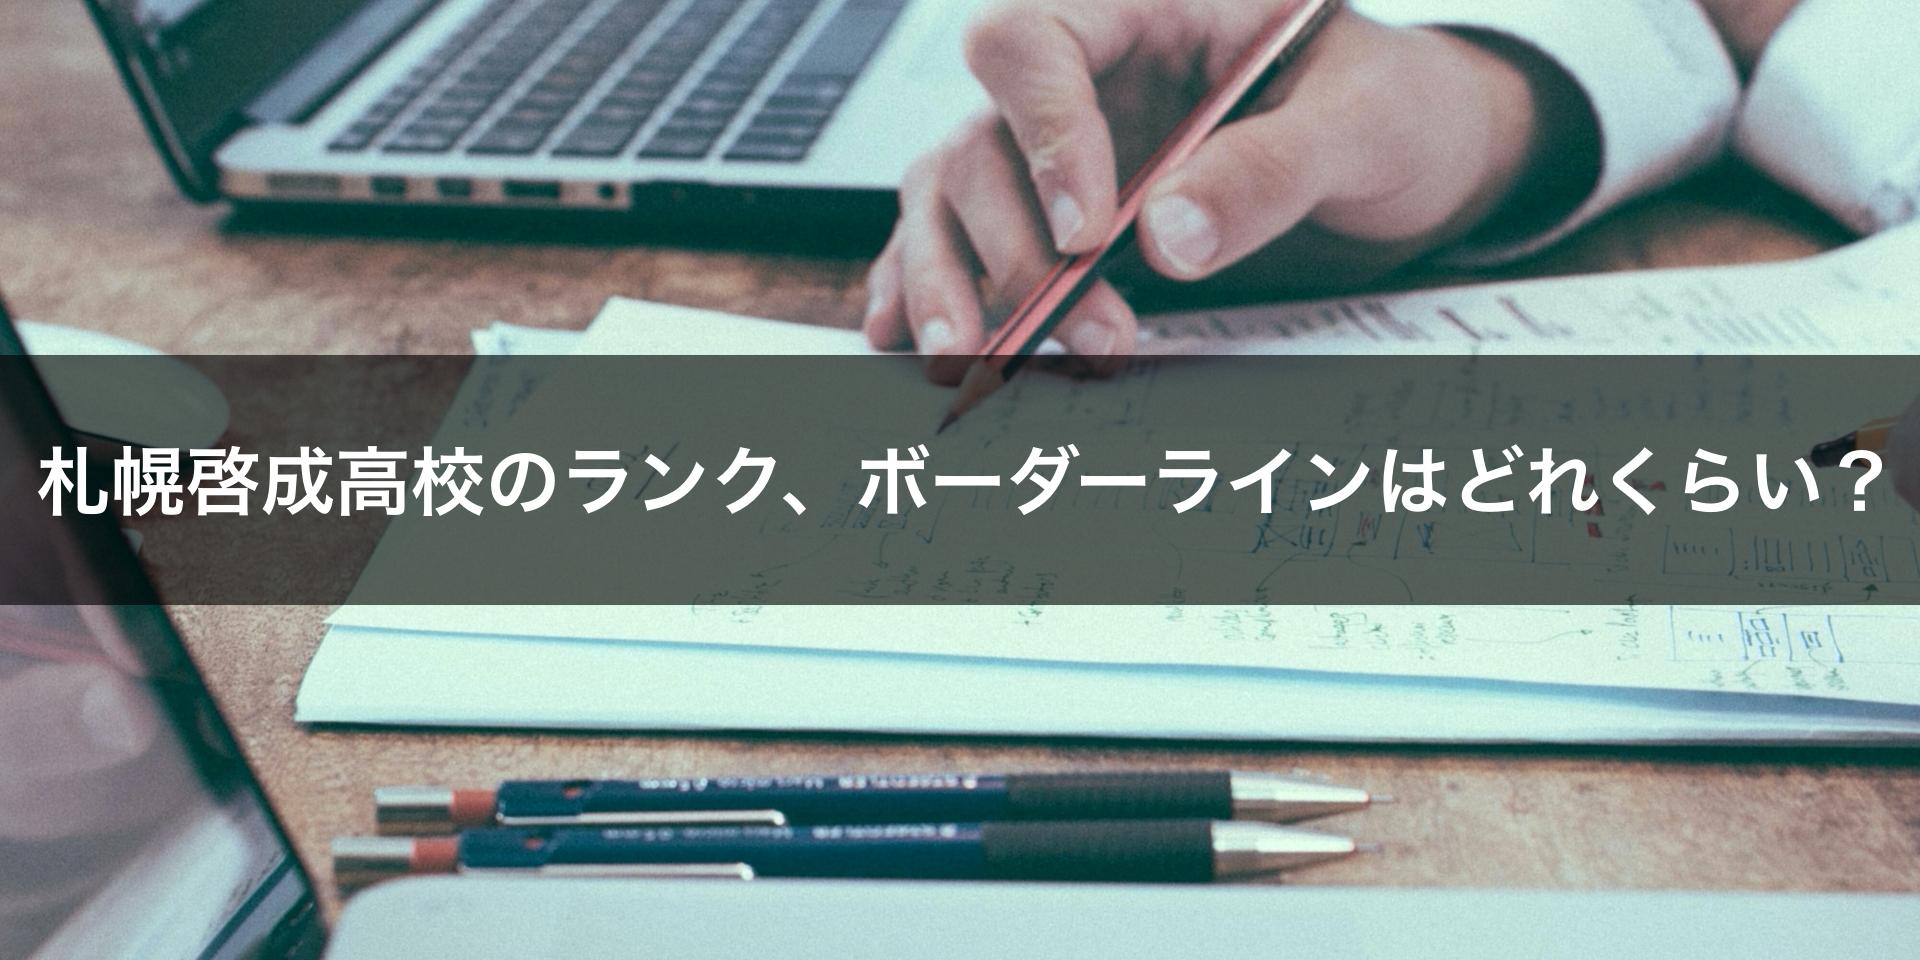 札幌啓成高校のランク、ボーダーラインはどれくらい?